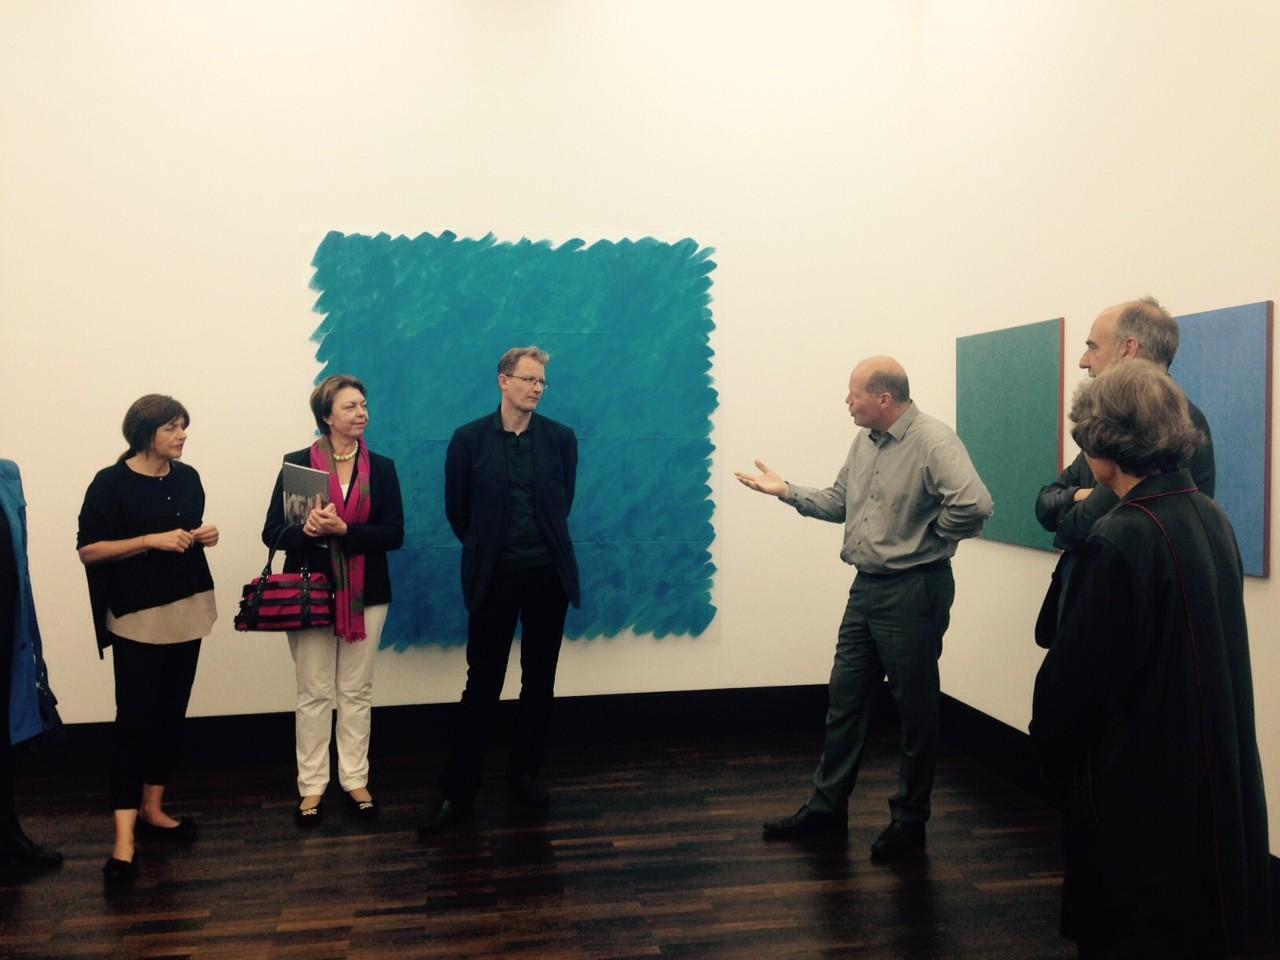 Galerienrundgang, 21.6.2015; Galerie Clement & Schneider